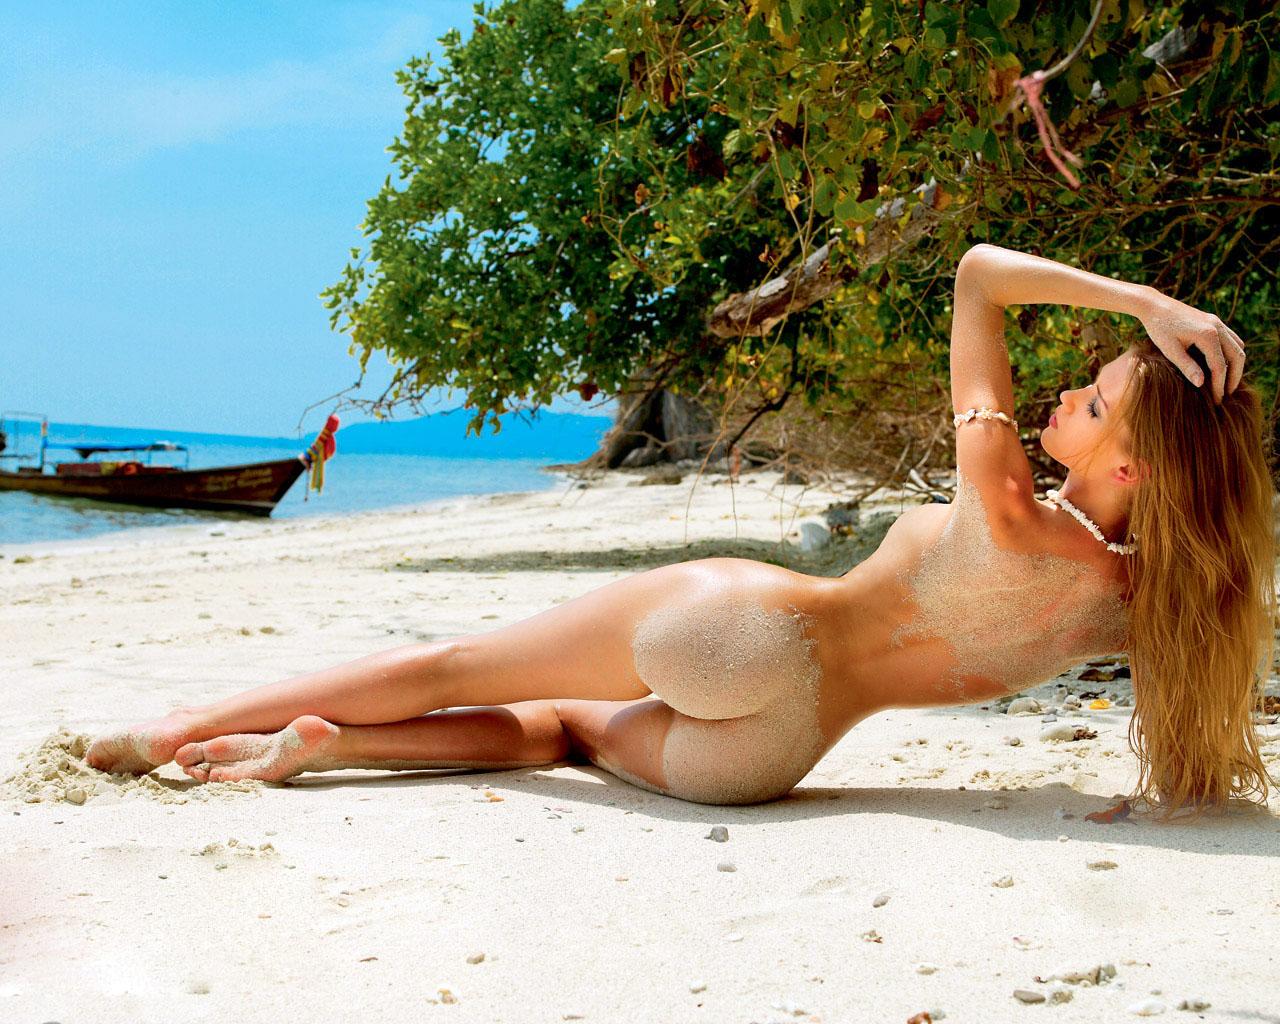 Самая красивая голая девушка в чите 14 фотография